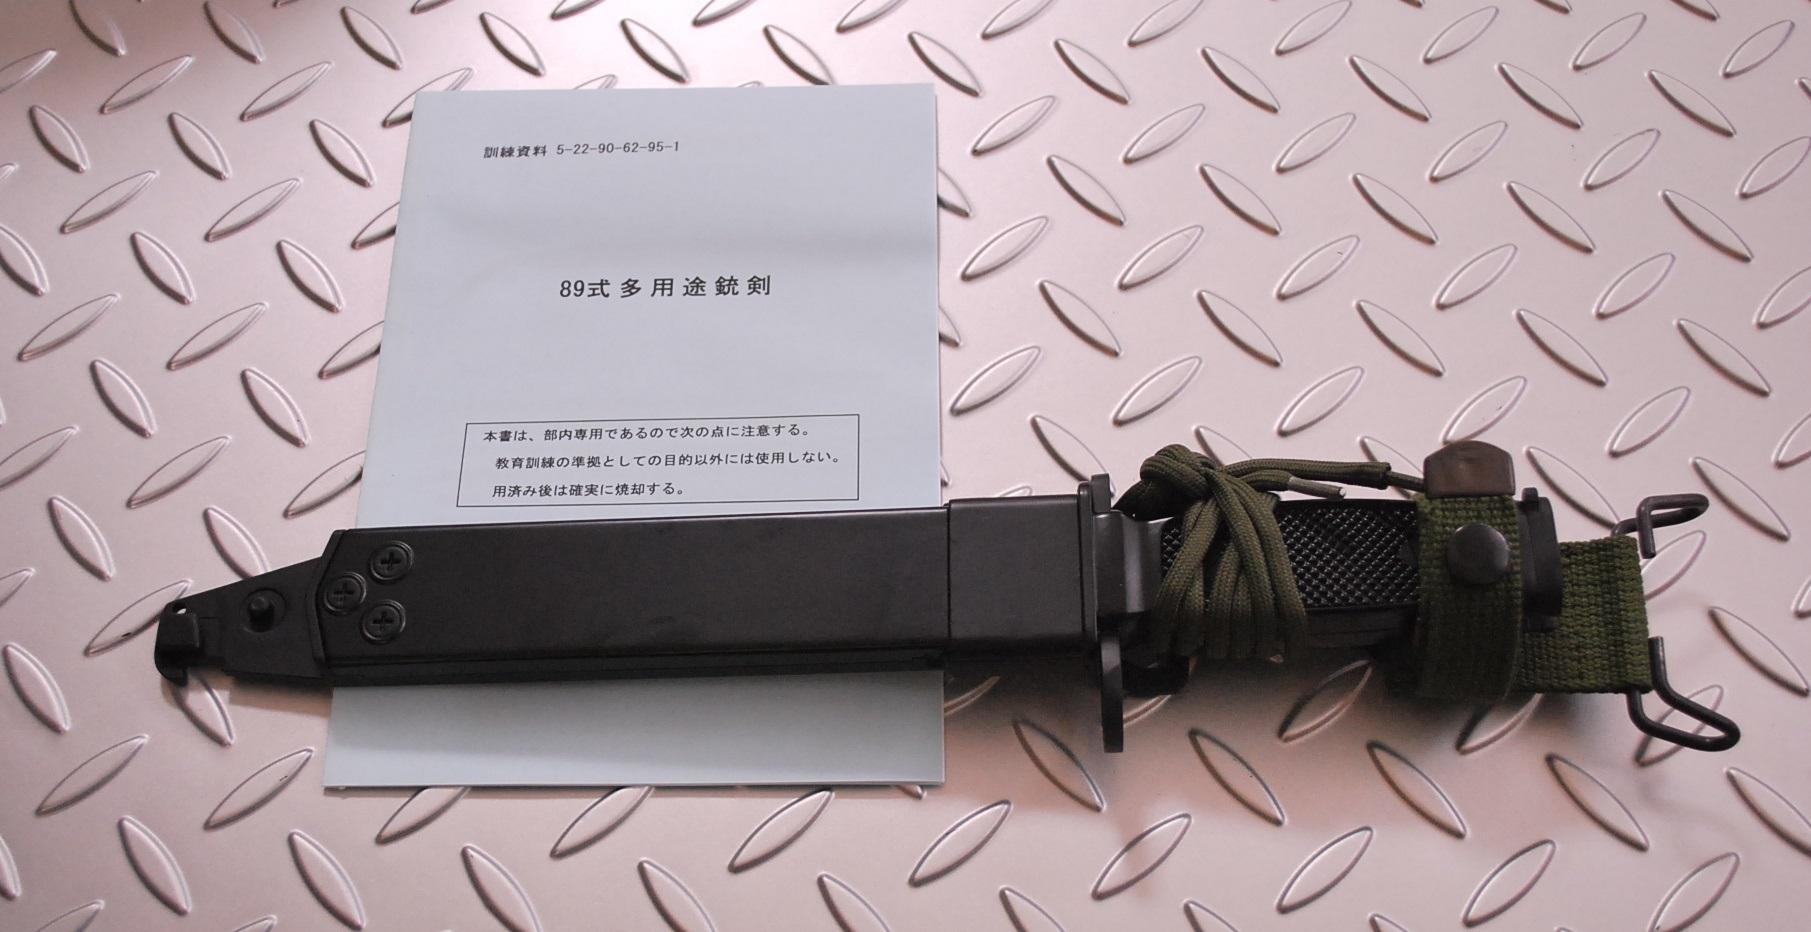 陸上自衛隊 89式小銃用多用途銃剣外形モデル  MDN